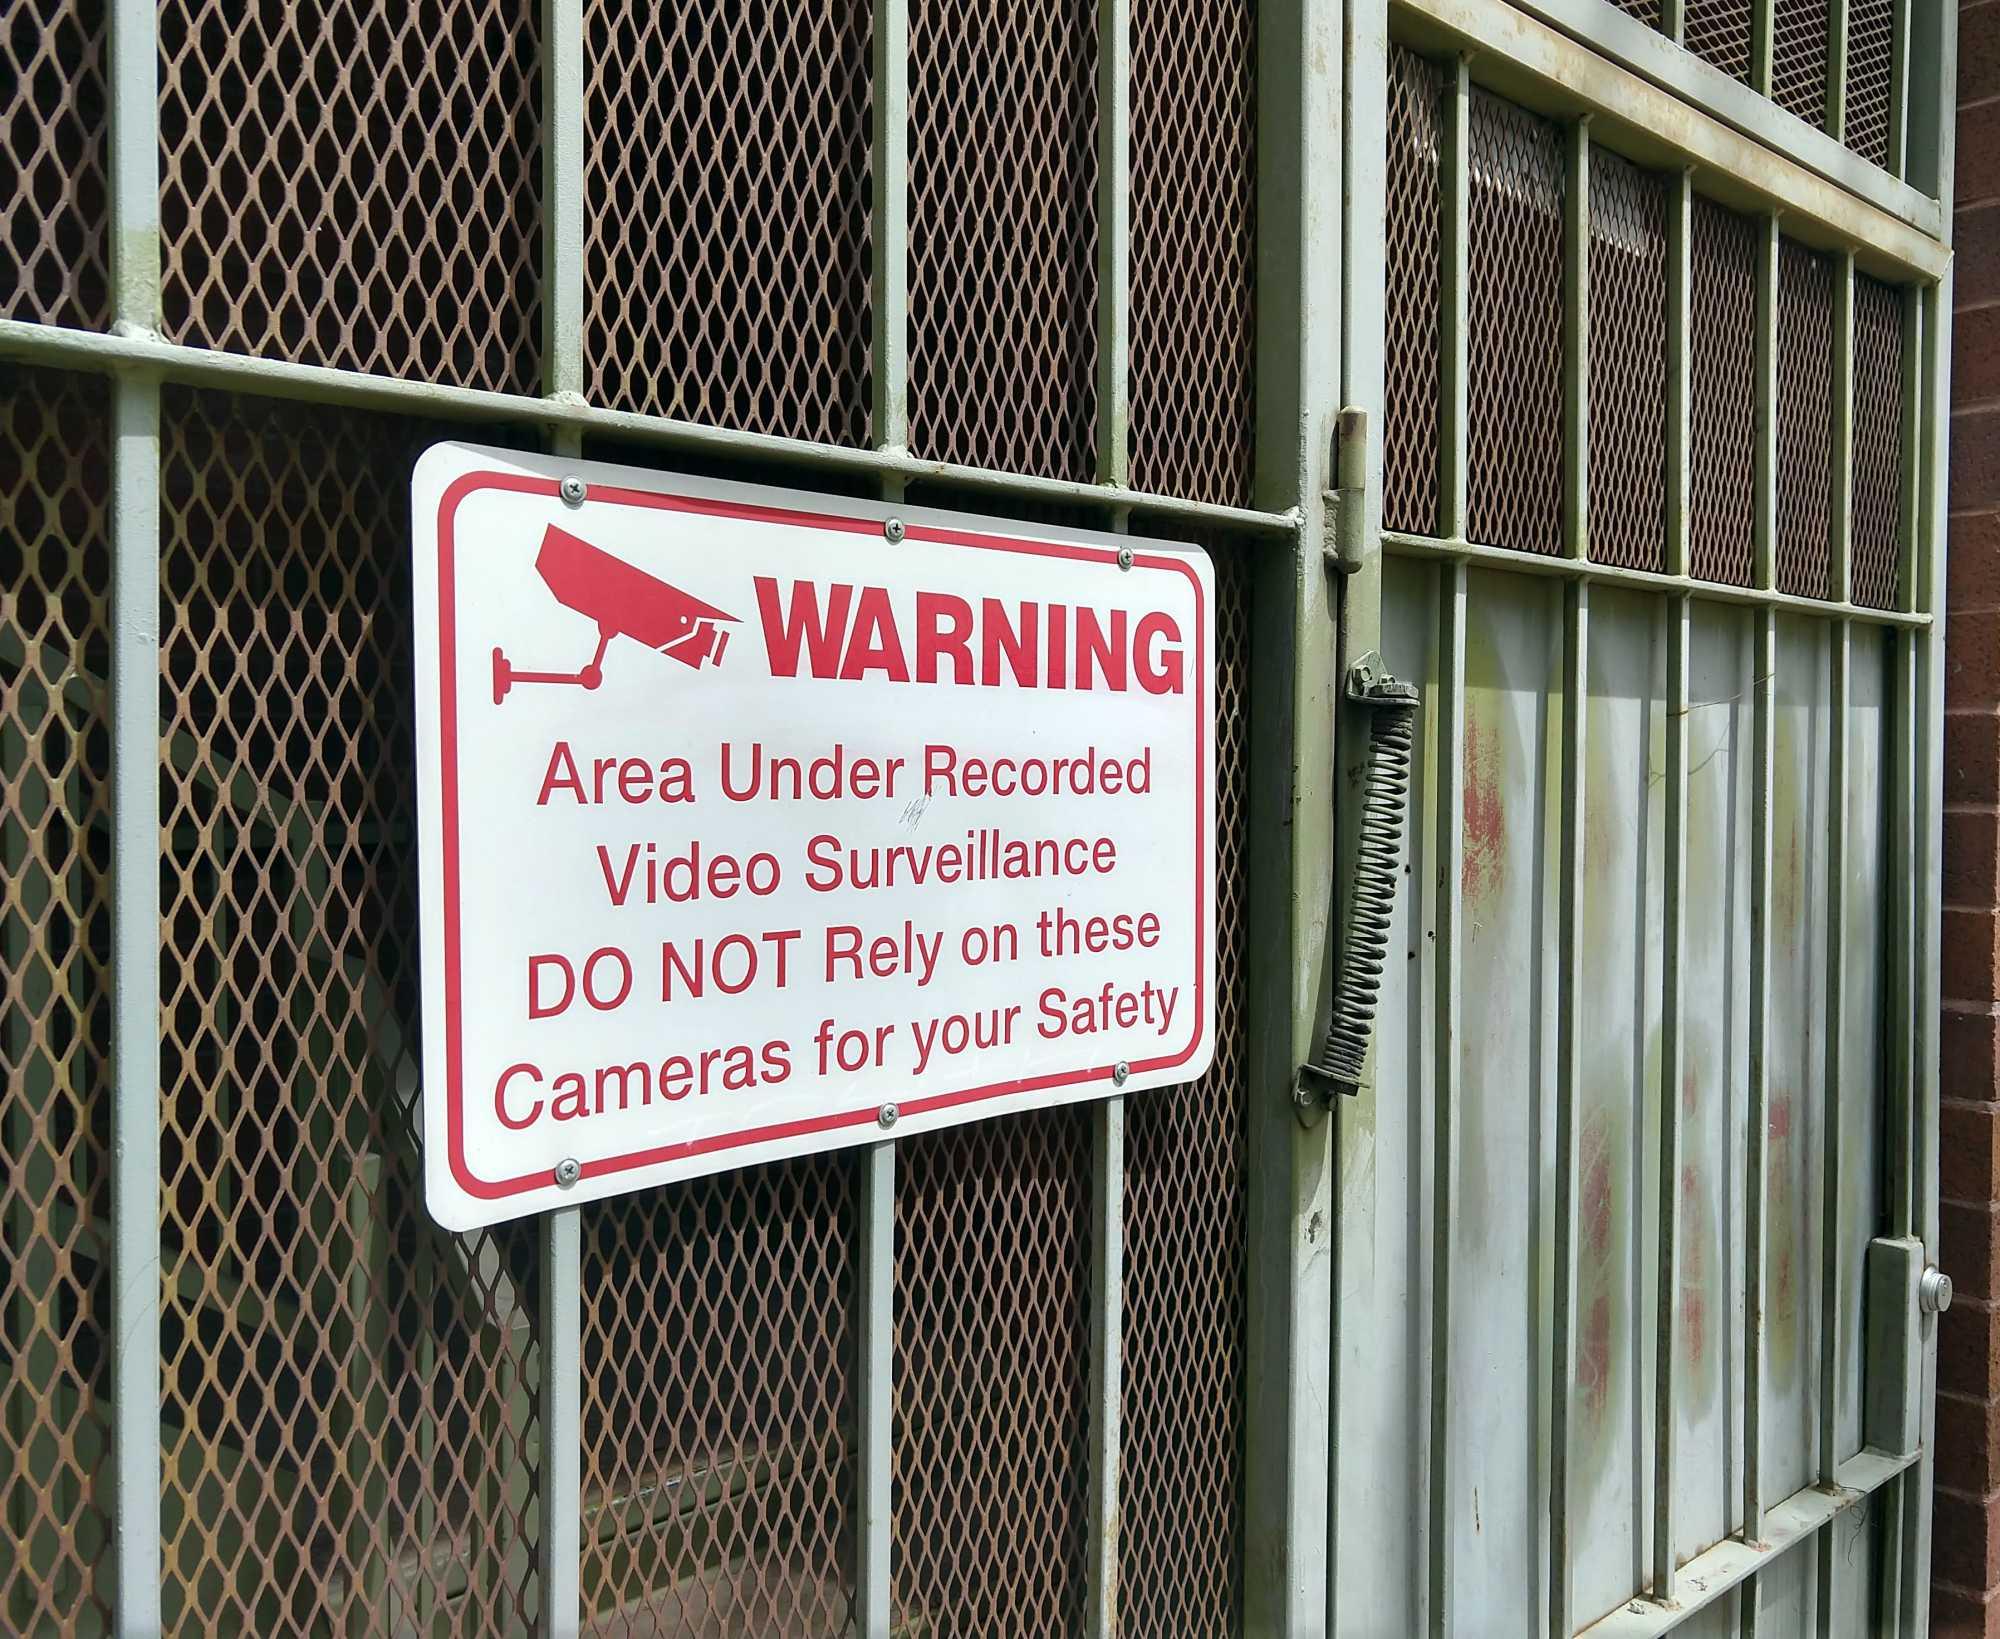 Warnschild: Personen sollen sich nicht auf die Überwachungskamera verlassen